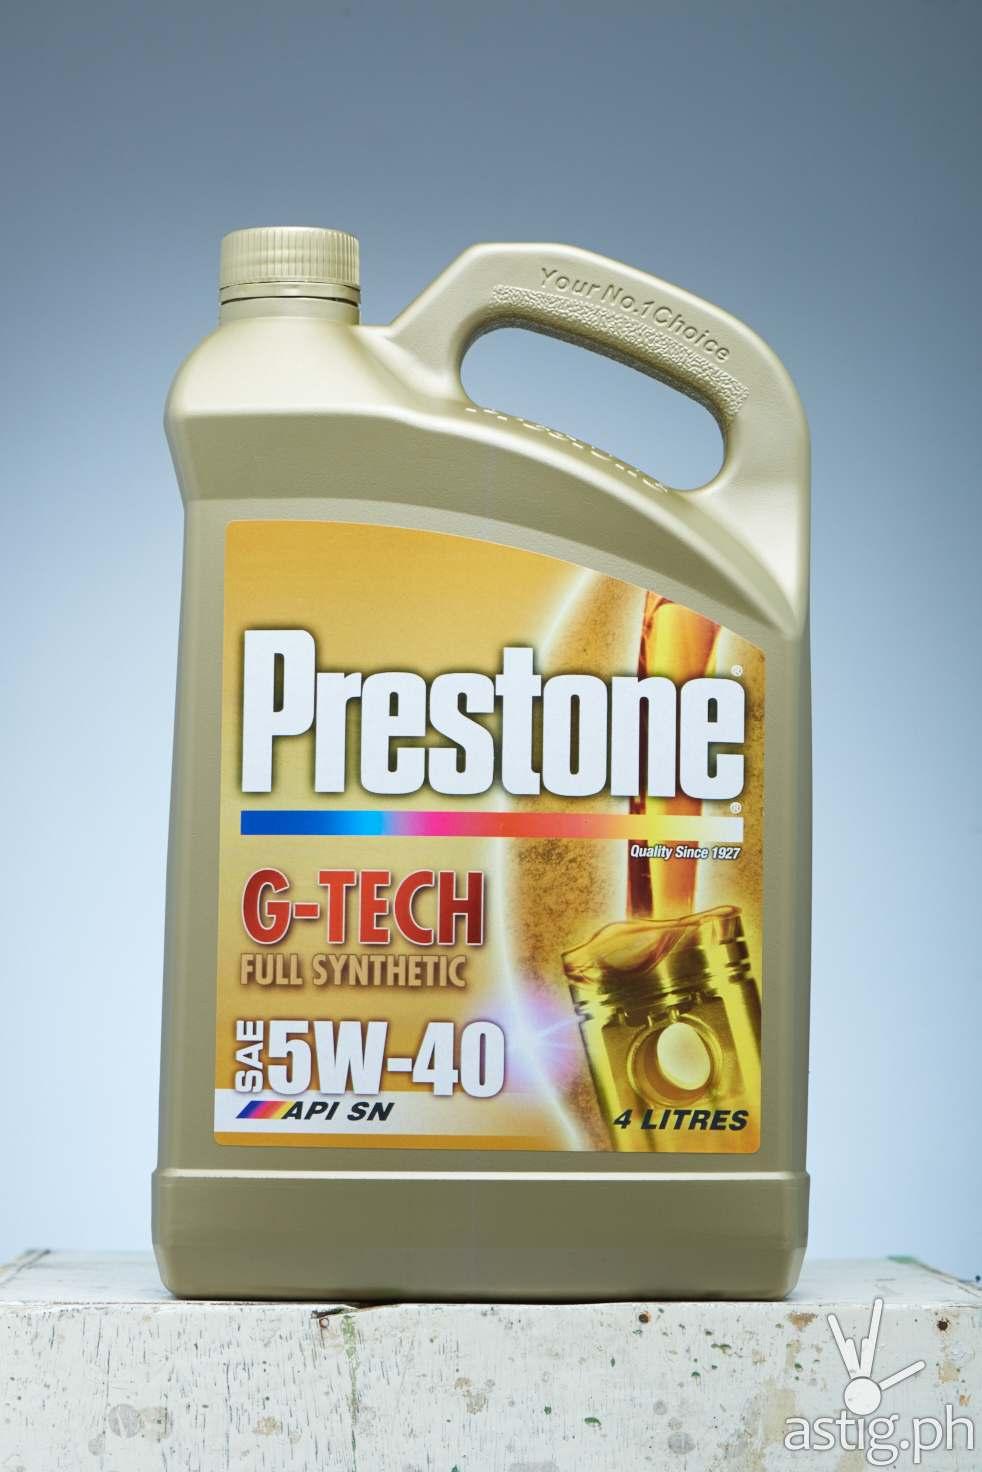 Prestone-Motor-Oil-G-Tech-Full-Syntethic_4-Liters.jpg